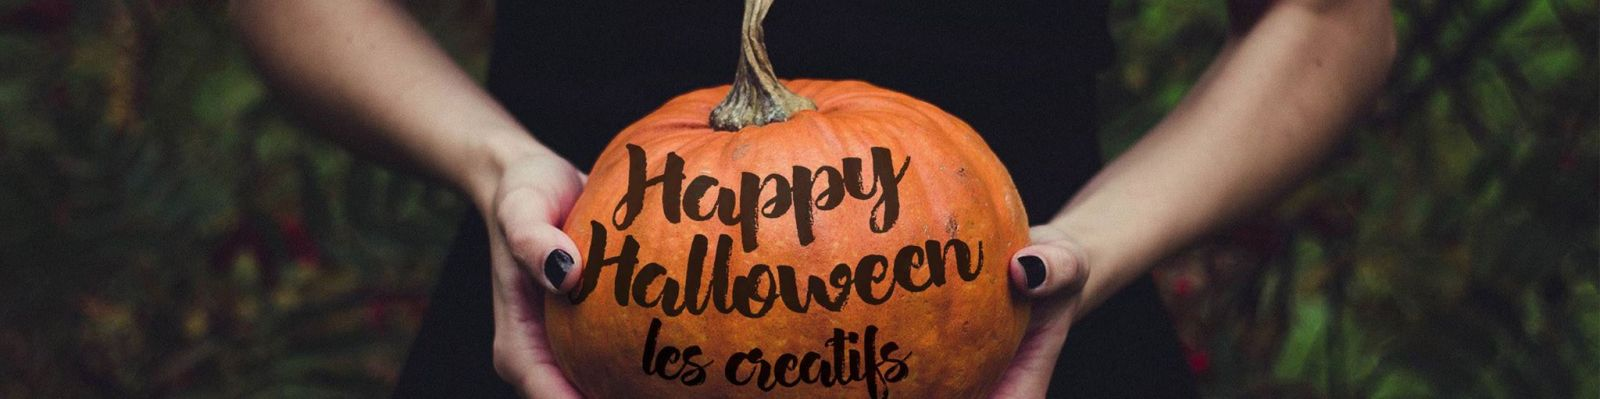 Les Creatifs fêtent Halloween